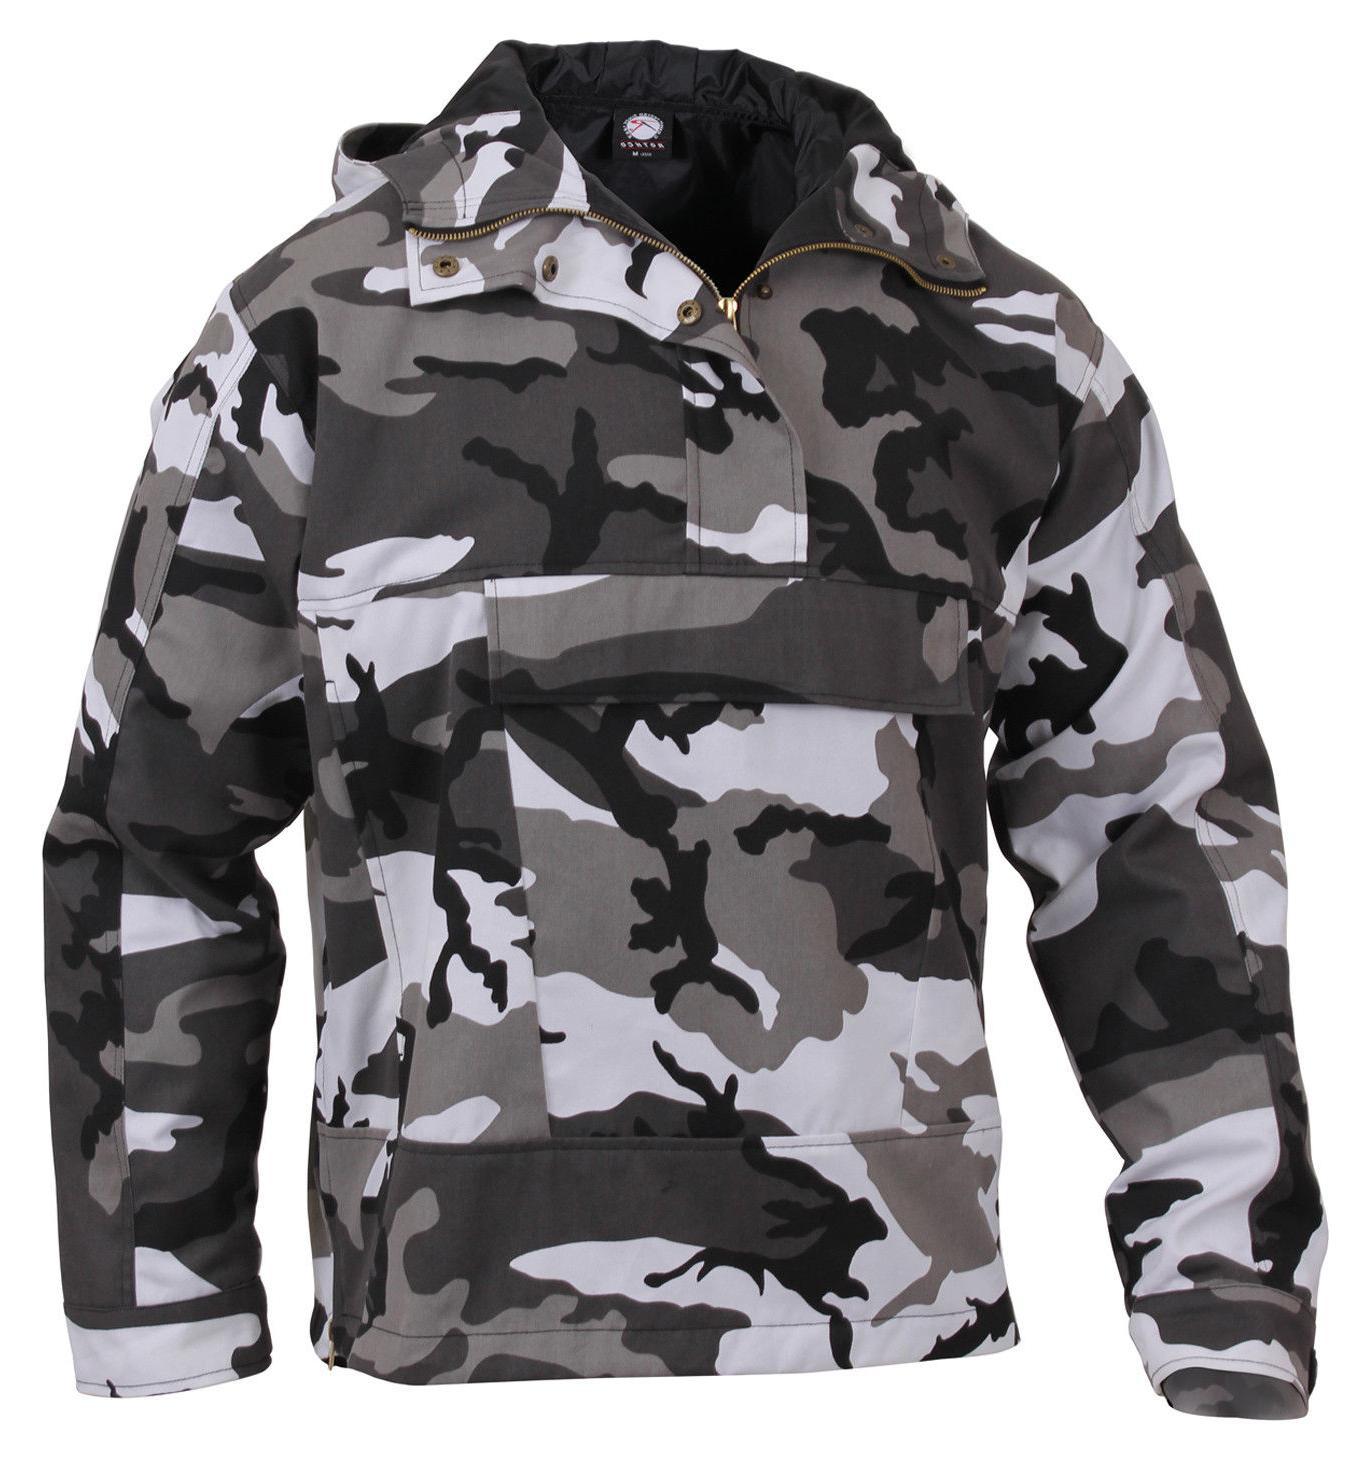 Mens City Urban Camo Anorak Parka Jacket Coat Camouflage Hoo